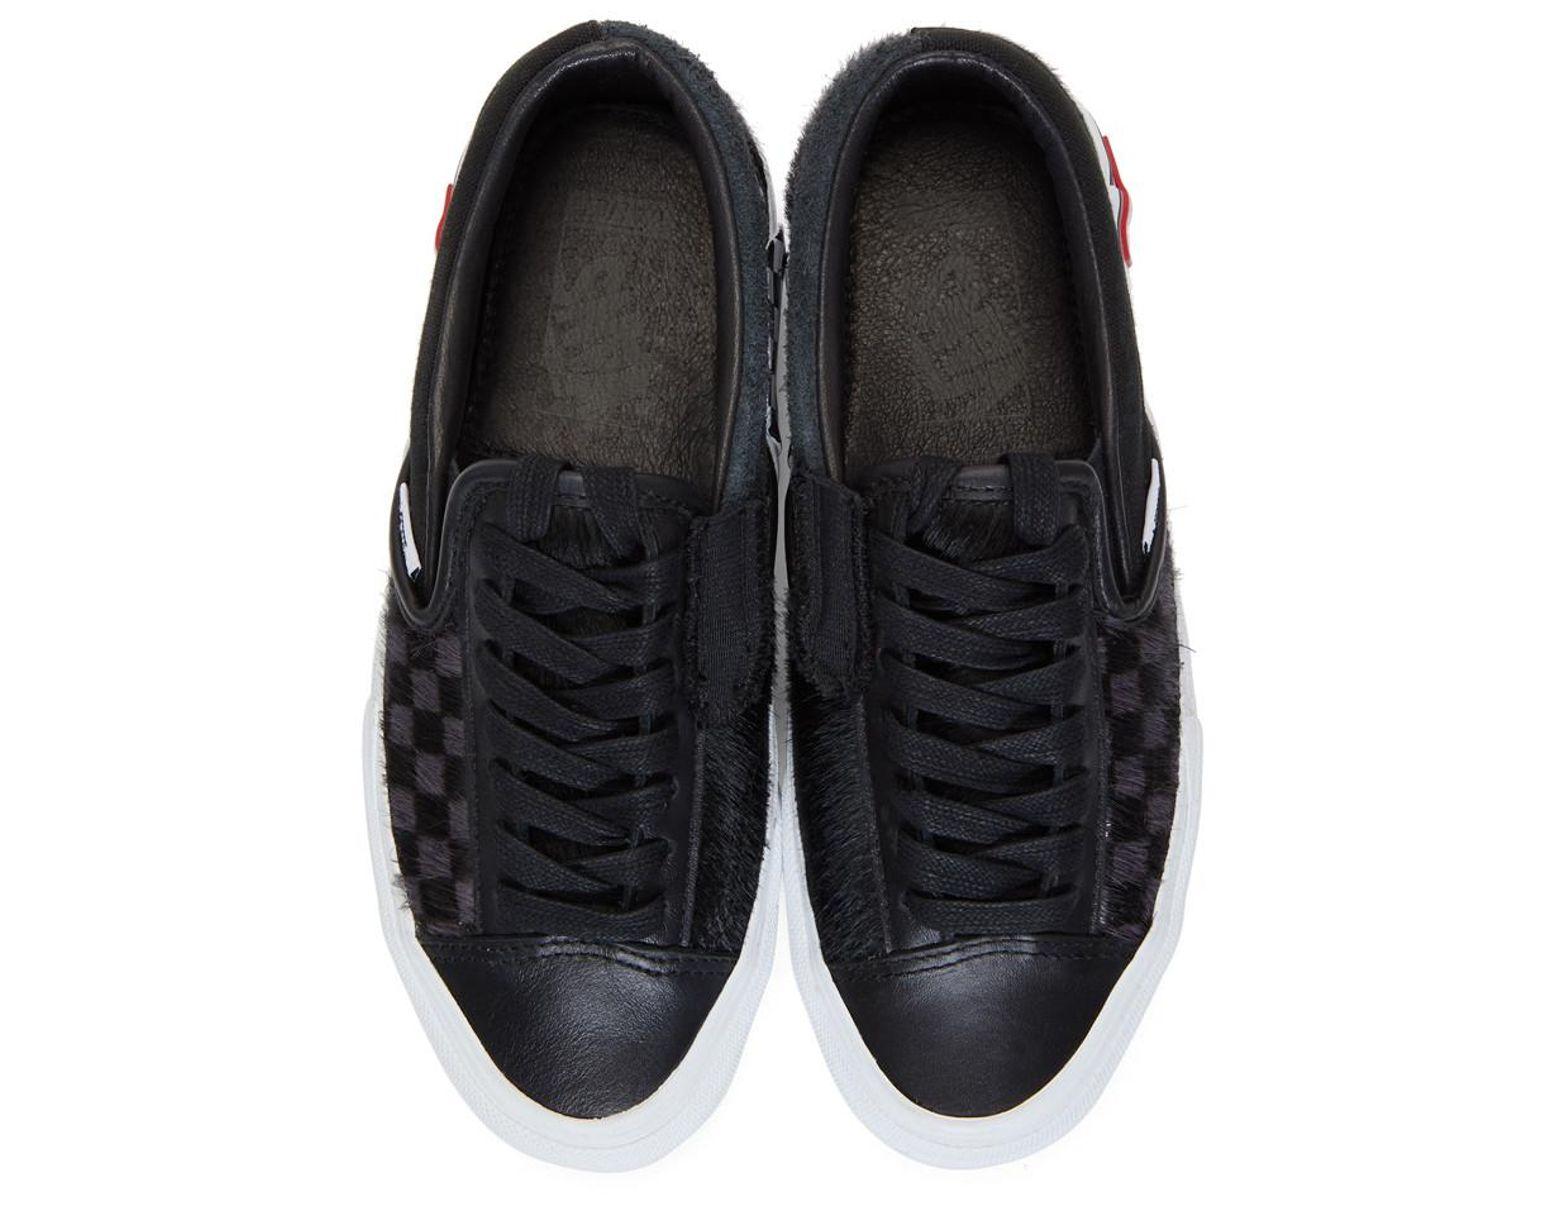 e60b3ca3bd7 Vans Black Vault Pony Hair Slip-on Cap Lx Sneakers in Black for Men - Lyst